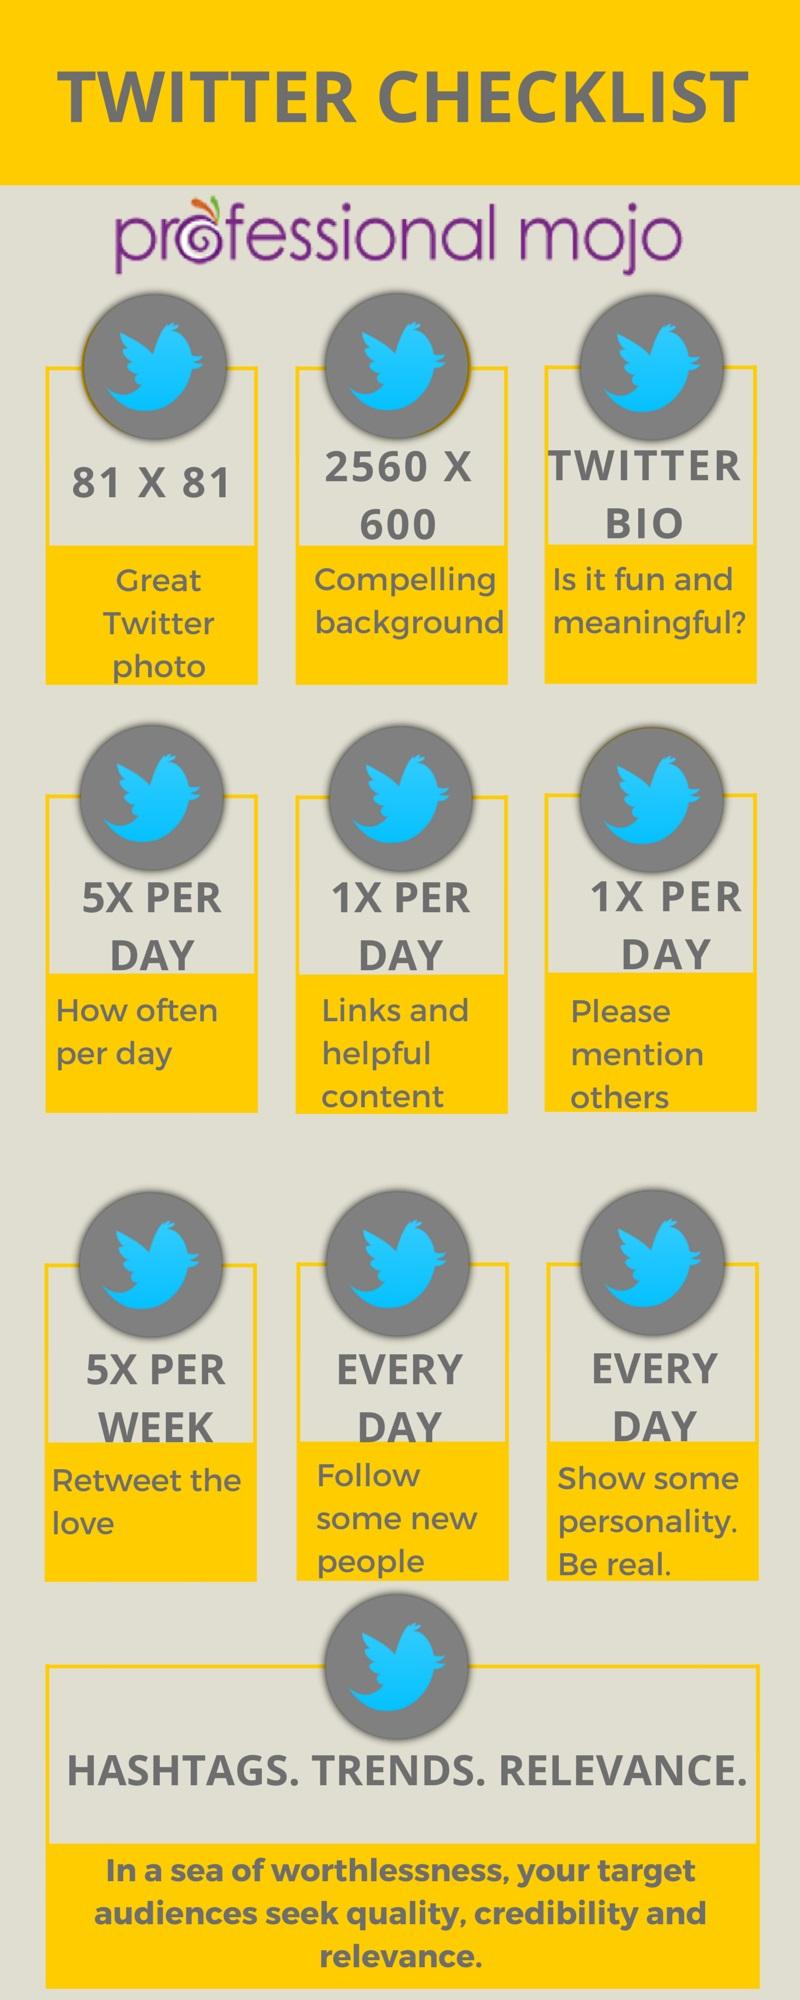 ProfessionalMojoTwitter Checklist